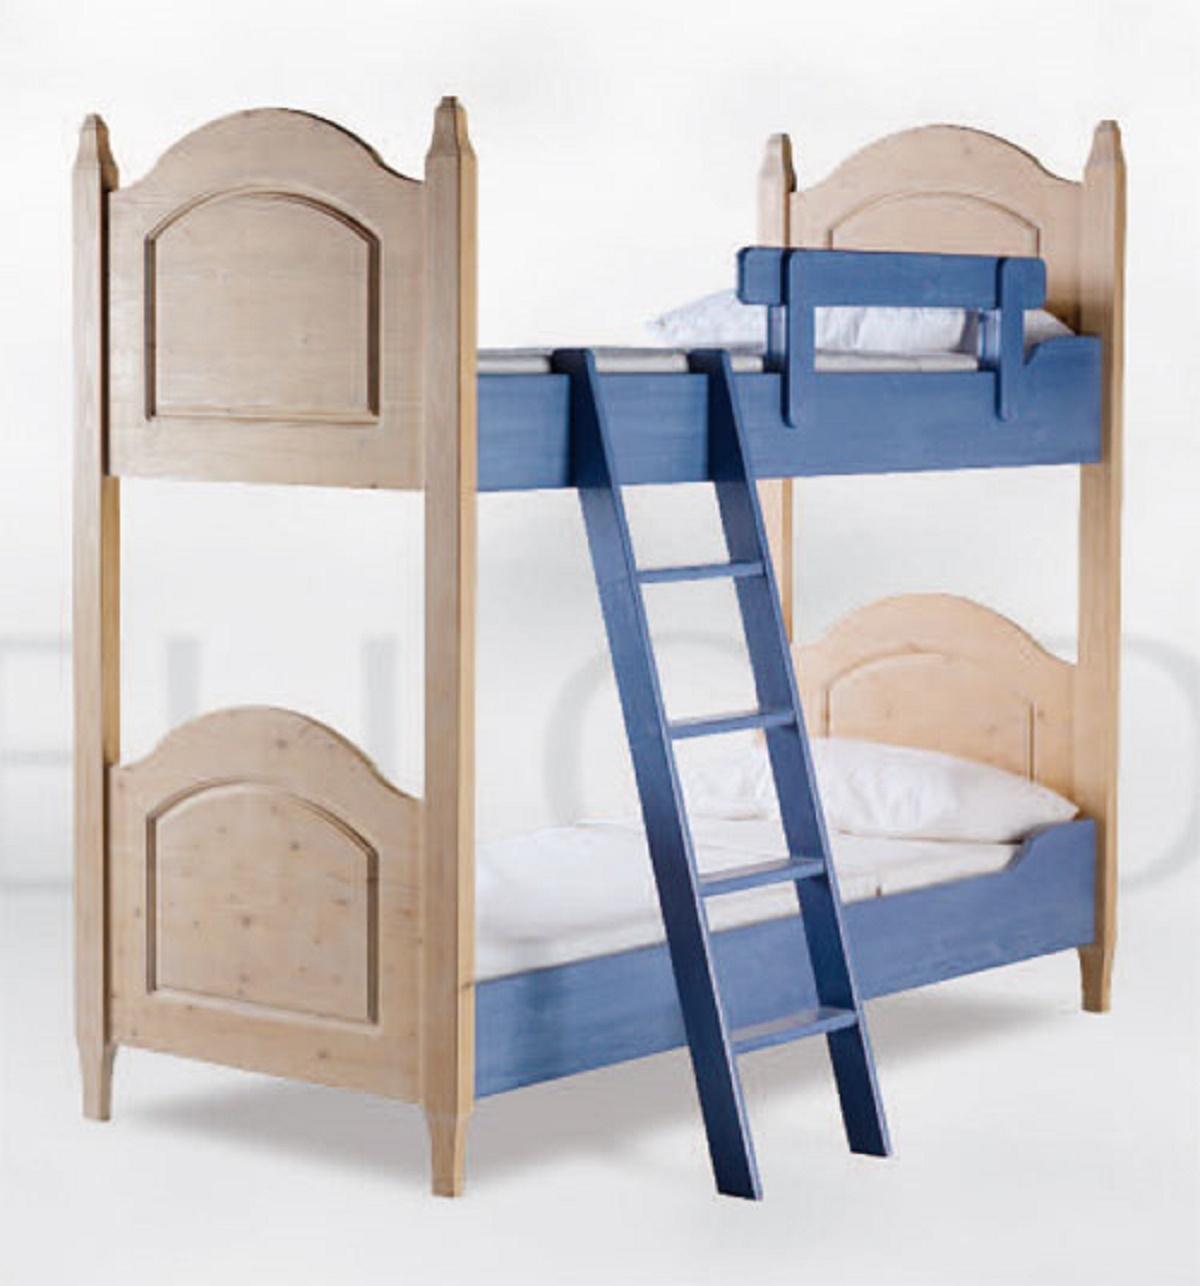 Leto a castello completo in legno massello - Letti a prezzi scontati